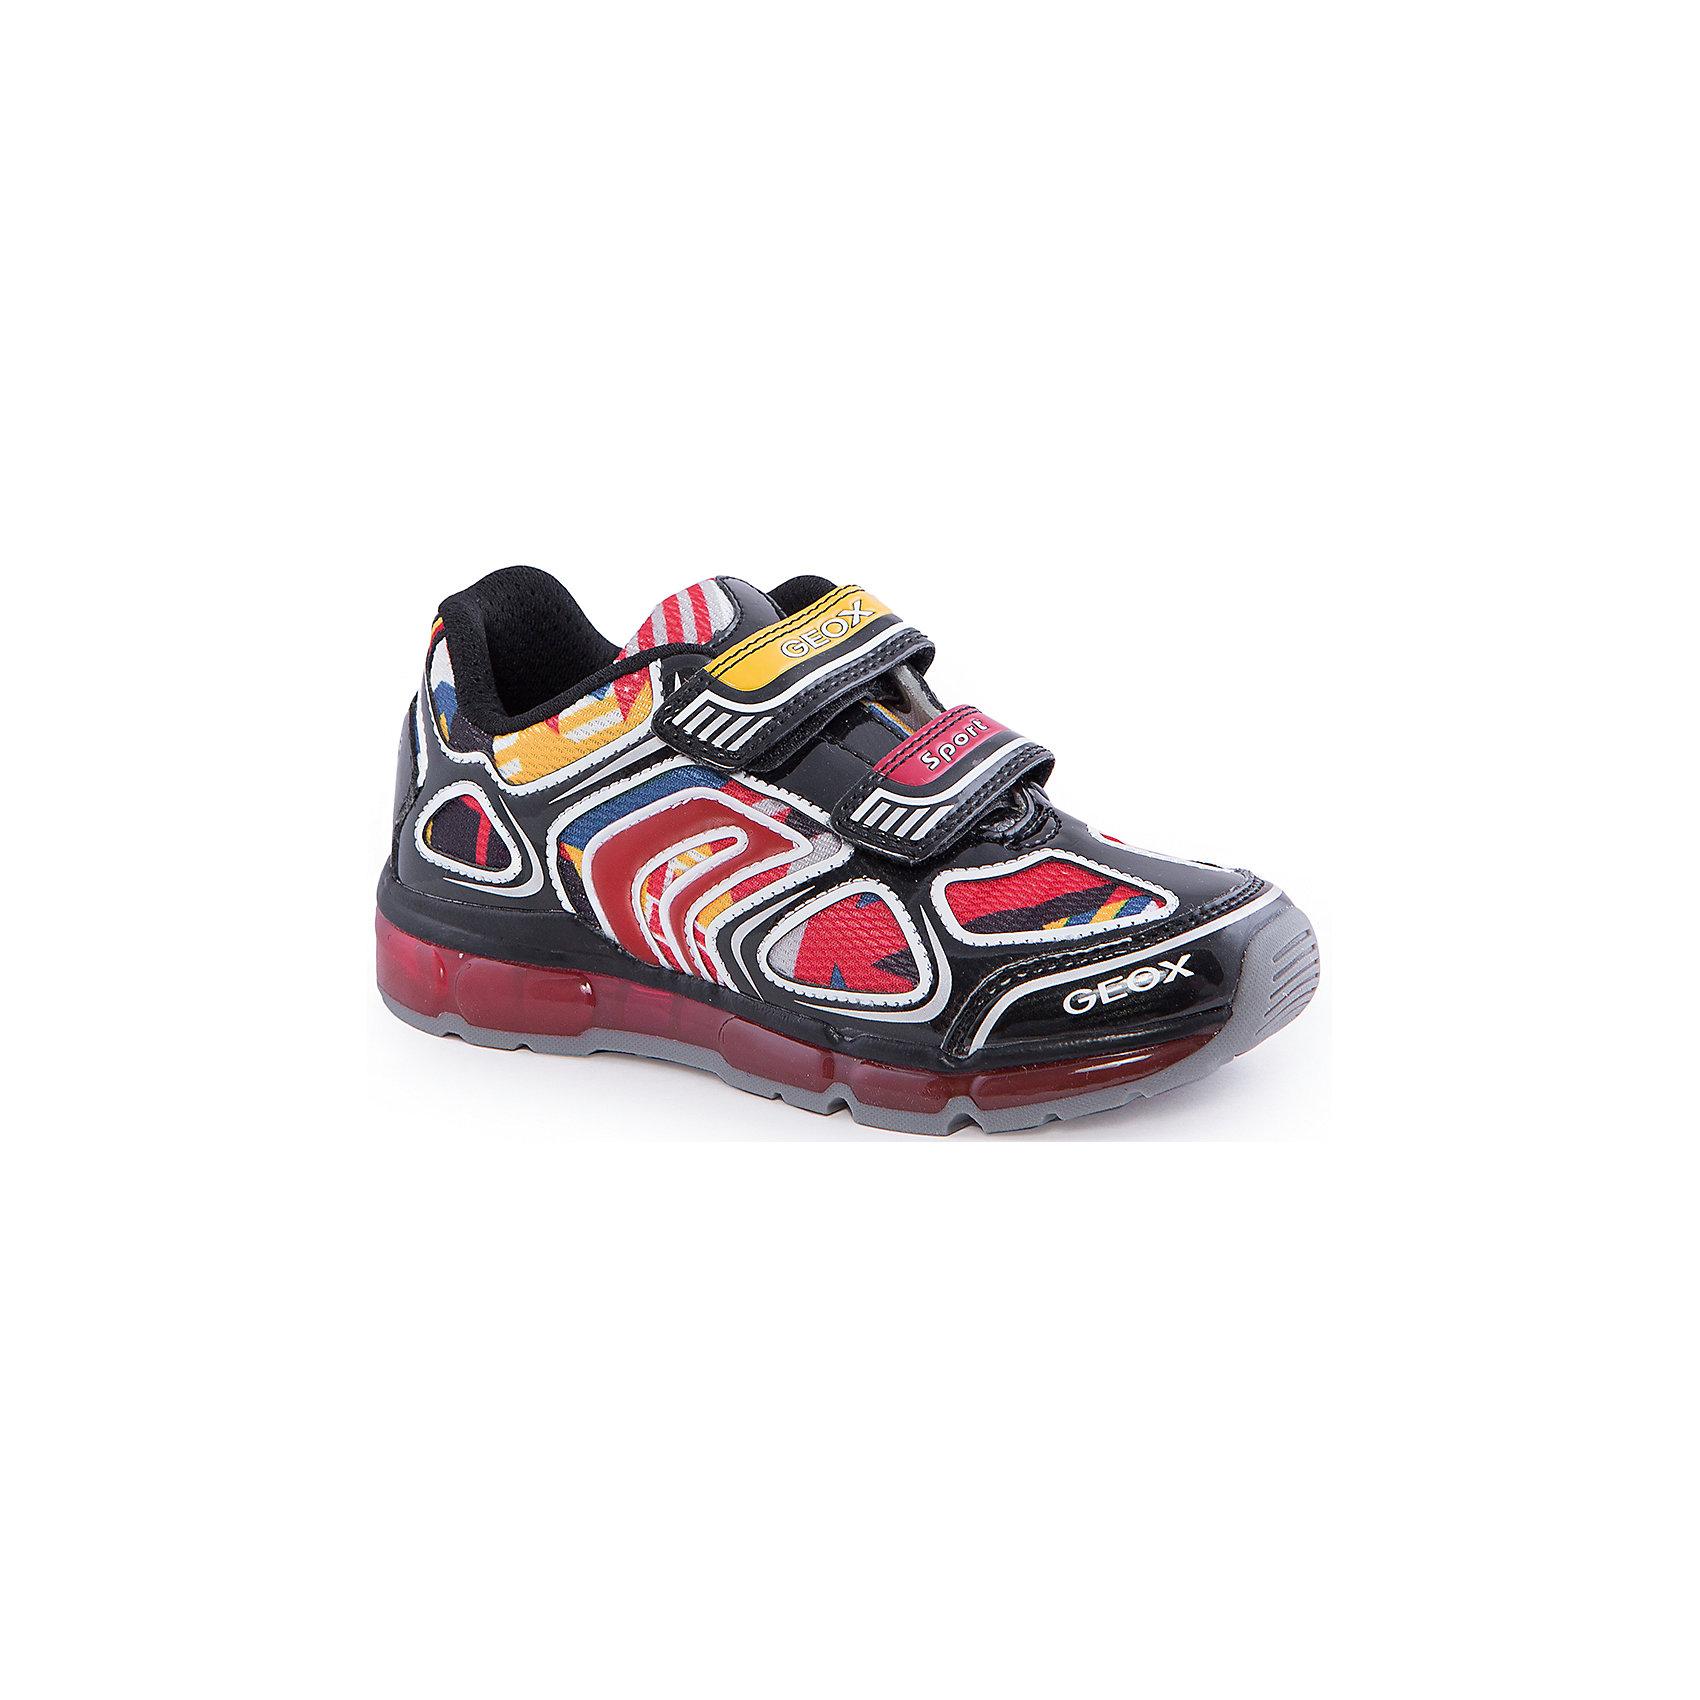 Кроссовки со светодиодами для мальчика GEOXКроссовки для мальчика от популярной марки GEOX (Геокс).<br><br>Яркие стильные кроссовки - отличная обувь для нового весеннего сезона. Модель очень стильно и оригинально смотрится.<br>Производитель обуви заботится не только о внешнем виде, но и стабильно высоком качестве продукции. GEOX (Геокс) разработал специальную дышащую подошву, которая не пропускает влагу внутрь, а также высокотехнологичную стельку.<br><br>Отличительные особенности модели:<br><br>- цвет: черный;<br>- декорированы яркими элементами;<br>- гибкая водоотталкивающая подошва с дышащей мембраной;<br>- мягкий и легкий верх;<br>- защита пальцев и пятки;<br>- стильный дизайн;<br>- удобная застежка-липучка;<br>- комфортное облегание;<br>- верх обуви и подкладка сделаны без использования хрома.<br><br>Дополнительная информация:<br><br>- Температурный режим: от +10° С до 25° С.<br><br>- Состав:<br><br>материал верха: текстиль, синтетический материал<br>материал подкладки: текстиль<br>подошва: 100% резина<br><br>Кроссовки для мальчика GEOX (Геокс) (Геокс) можно купить в нашем магазине.<br><br>Ширина мм: 250<br>Глубина мм: 150<br>Высота мм: 150<br>Вес г: 250<br>Цвет: черный<br>Возраст от месяцев: 96<br>Возраст до месяцев: 108<br>Пол: Мужской<br>Возраст: Детский<br>Размер: 31,36,32,27,33,34,35,37,30,29,26,28<br>SKU: 4518765